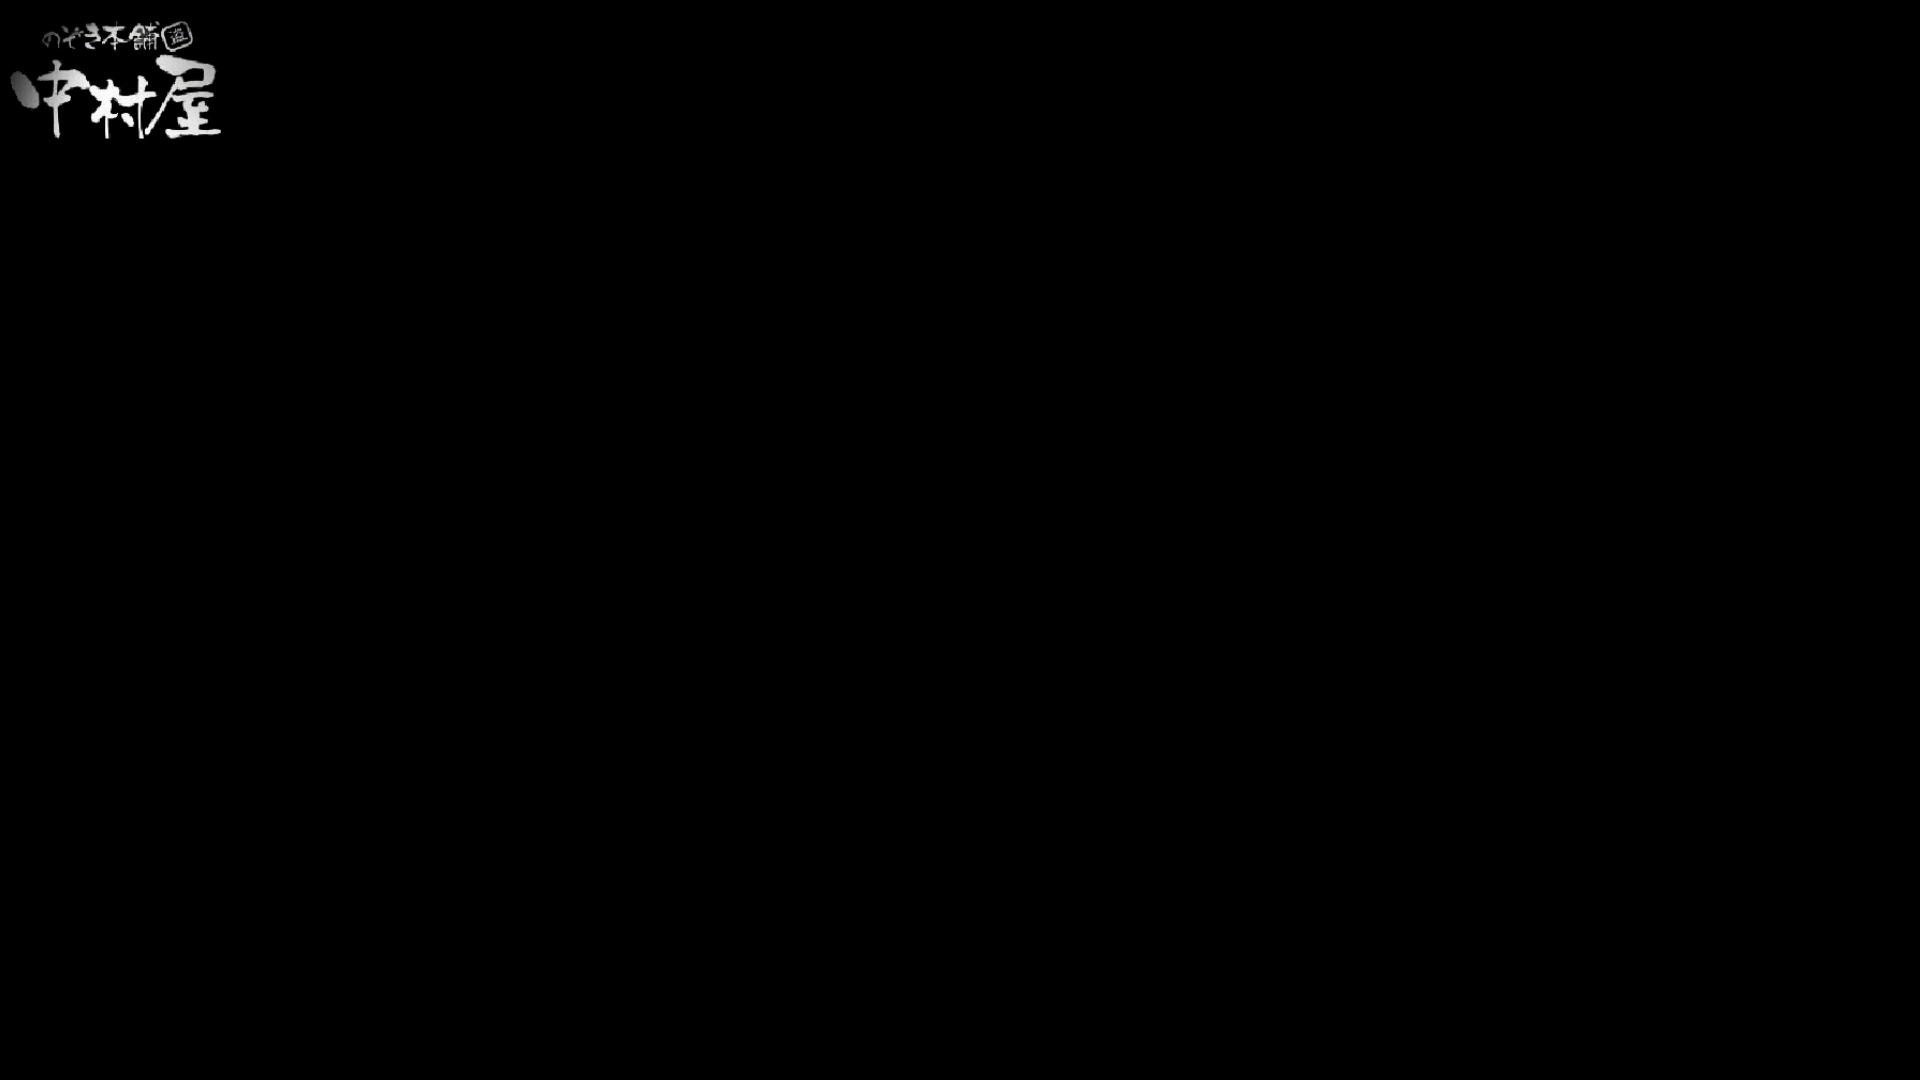 雅さんが厳選新年特別コンテンツ!激走!東京マラソン選手専用女子トイレvol.9 女子トイレ編 盗み撮り動画 105PIX 9